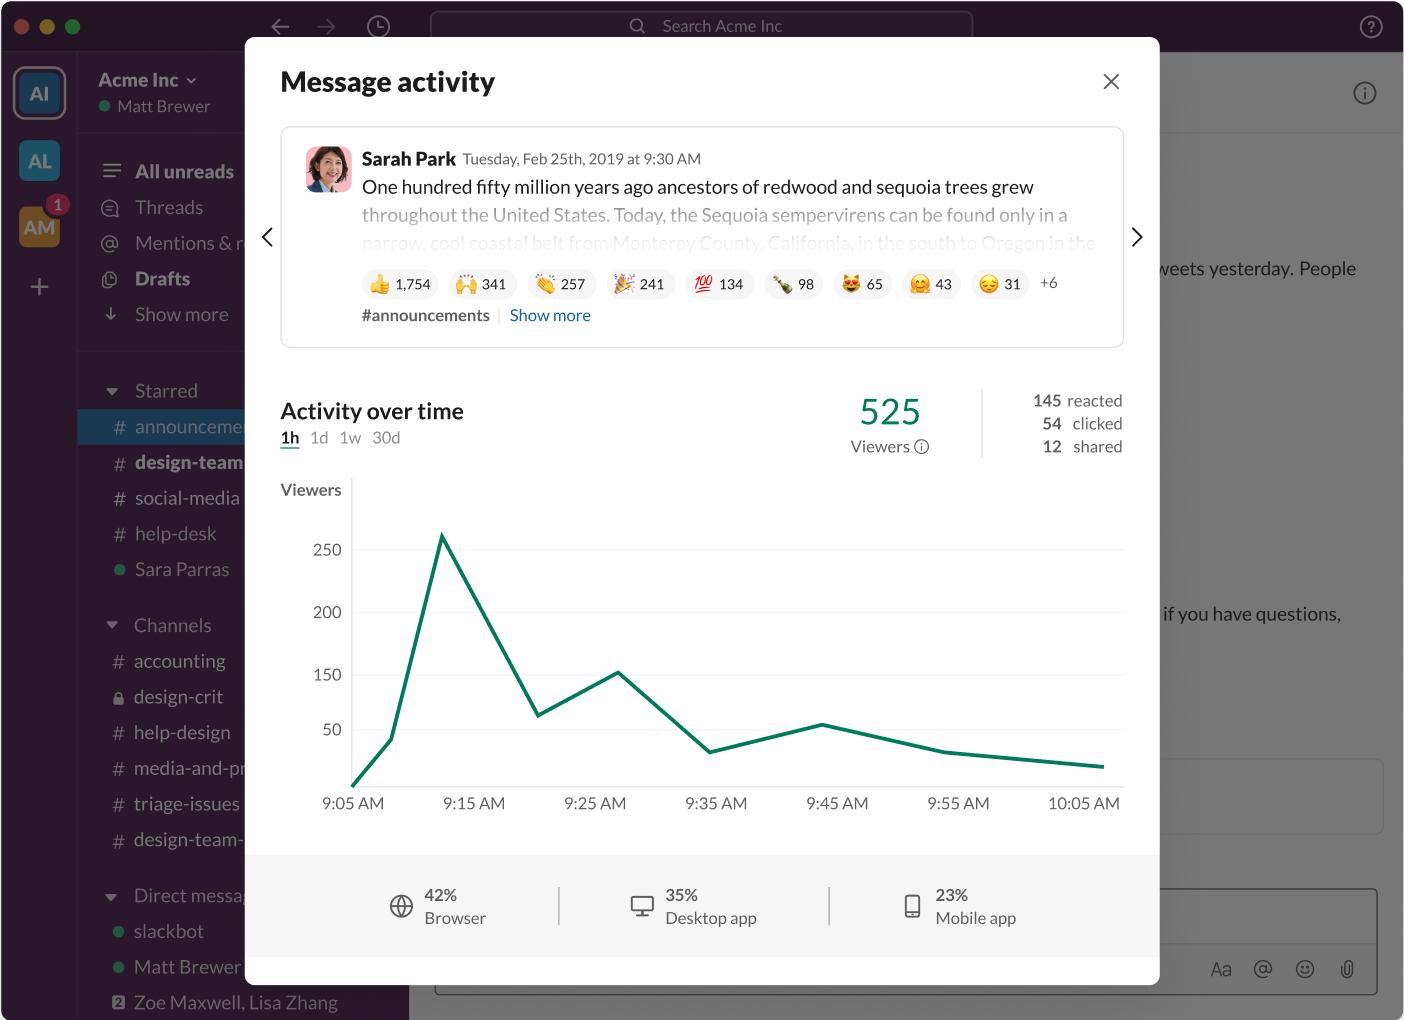 Daten zur Nachrichtenaktivität mit einer grafischen Darstellung der Aktivität im Zeitverlauf